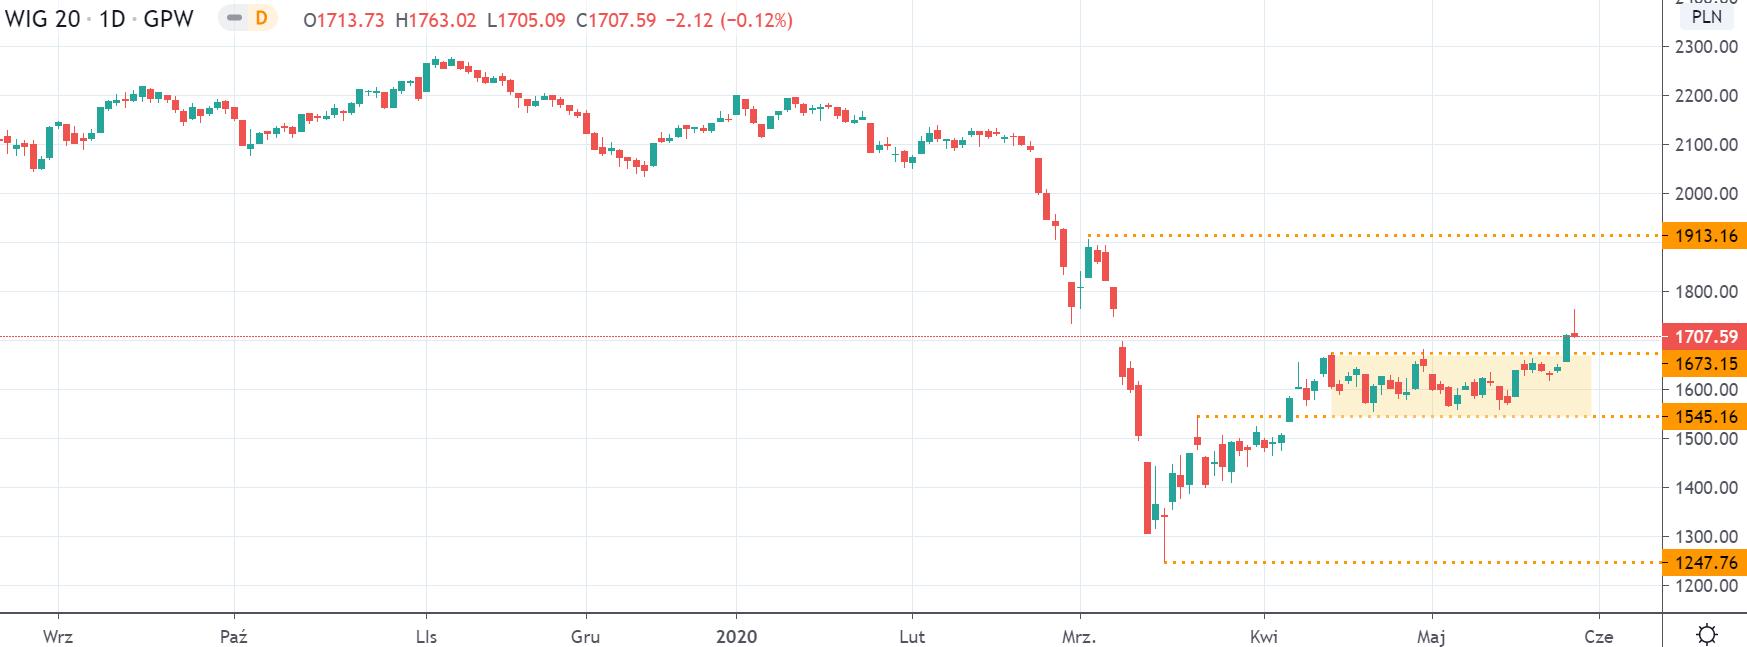 Kurs WIG20 na interwale dziennym tradingviewcom